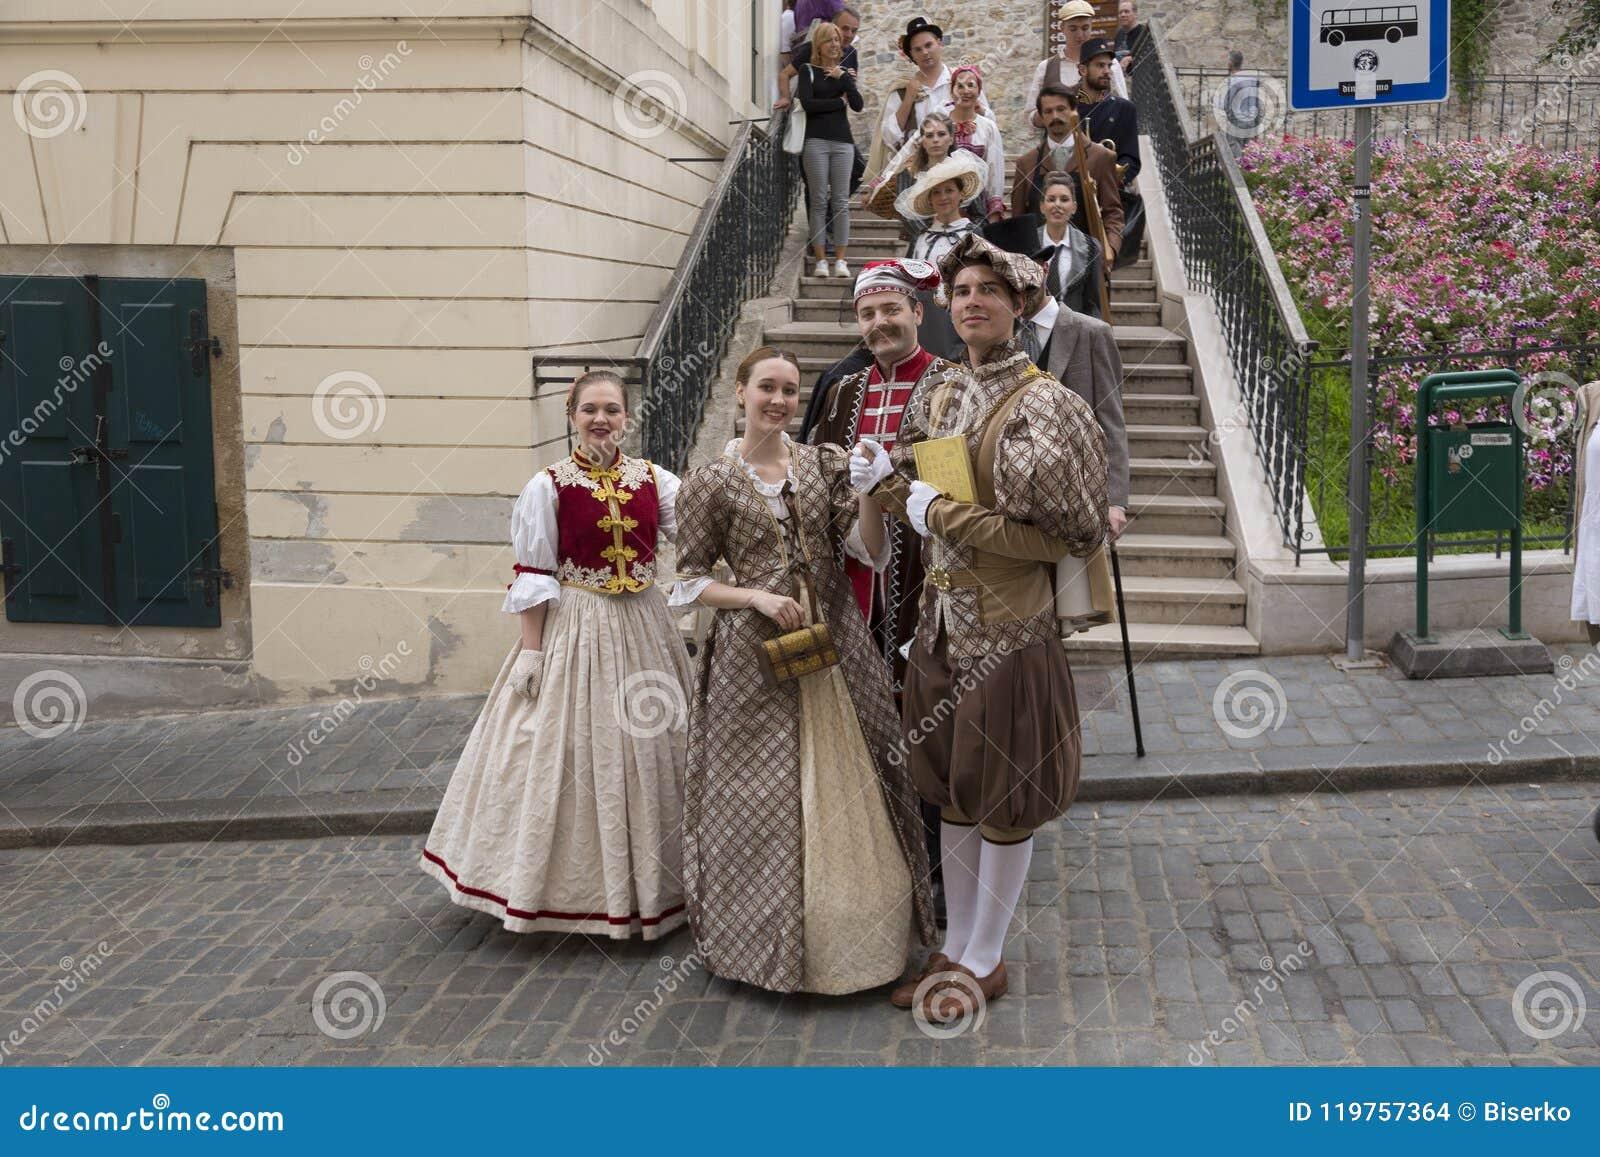 Festival der alten Kostüme